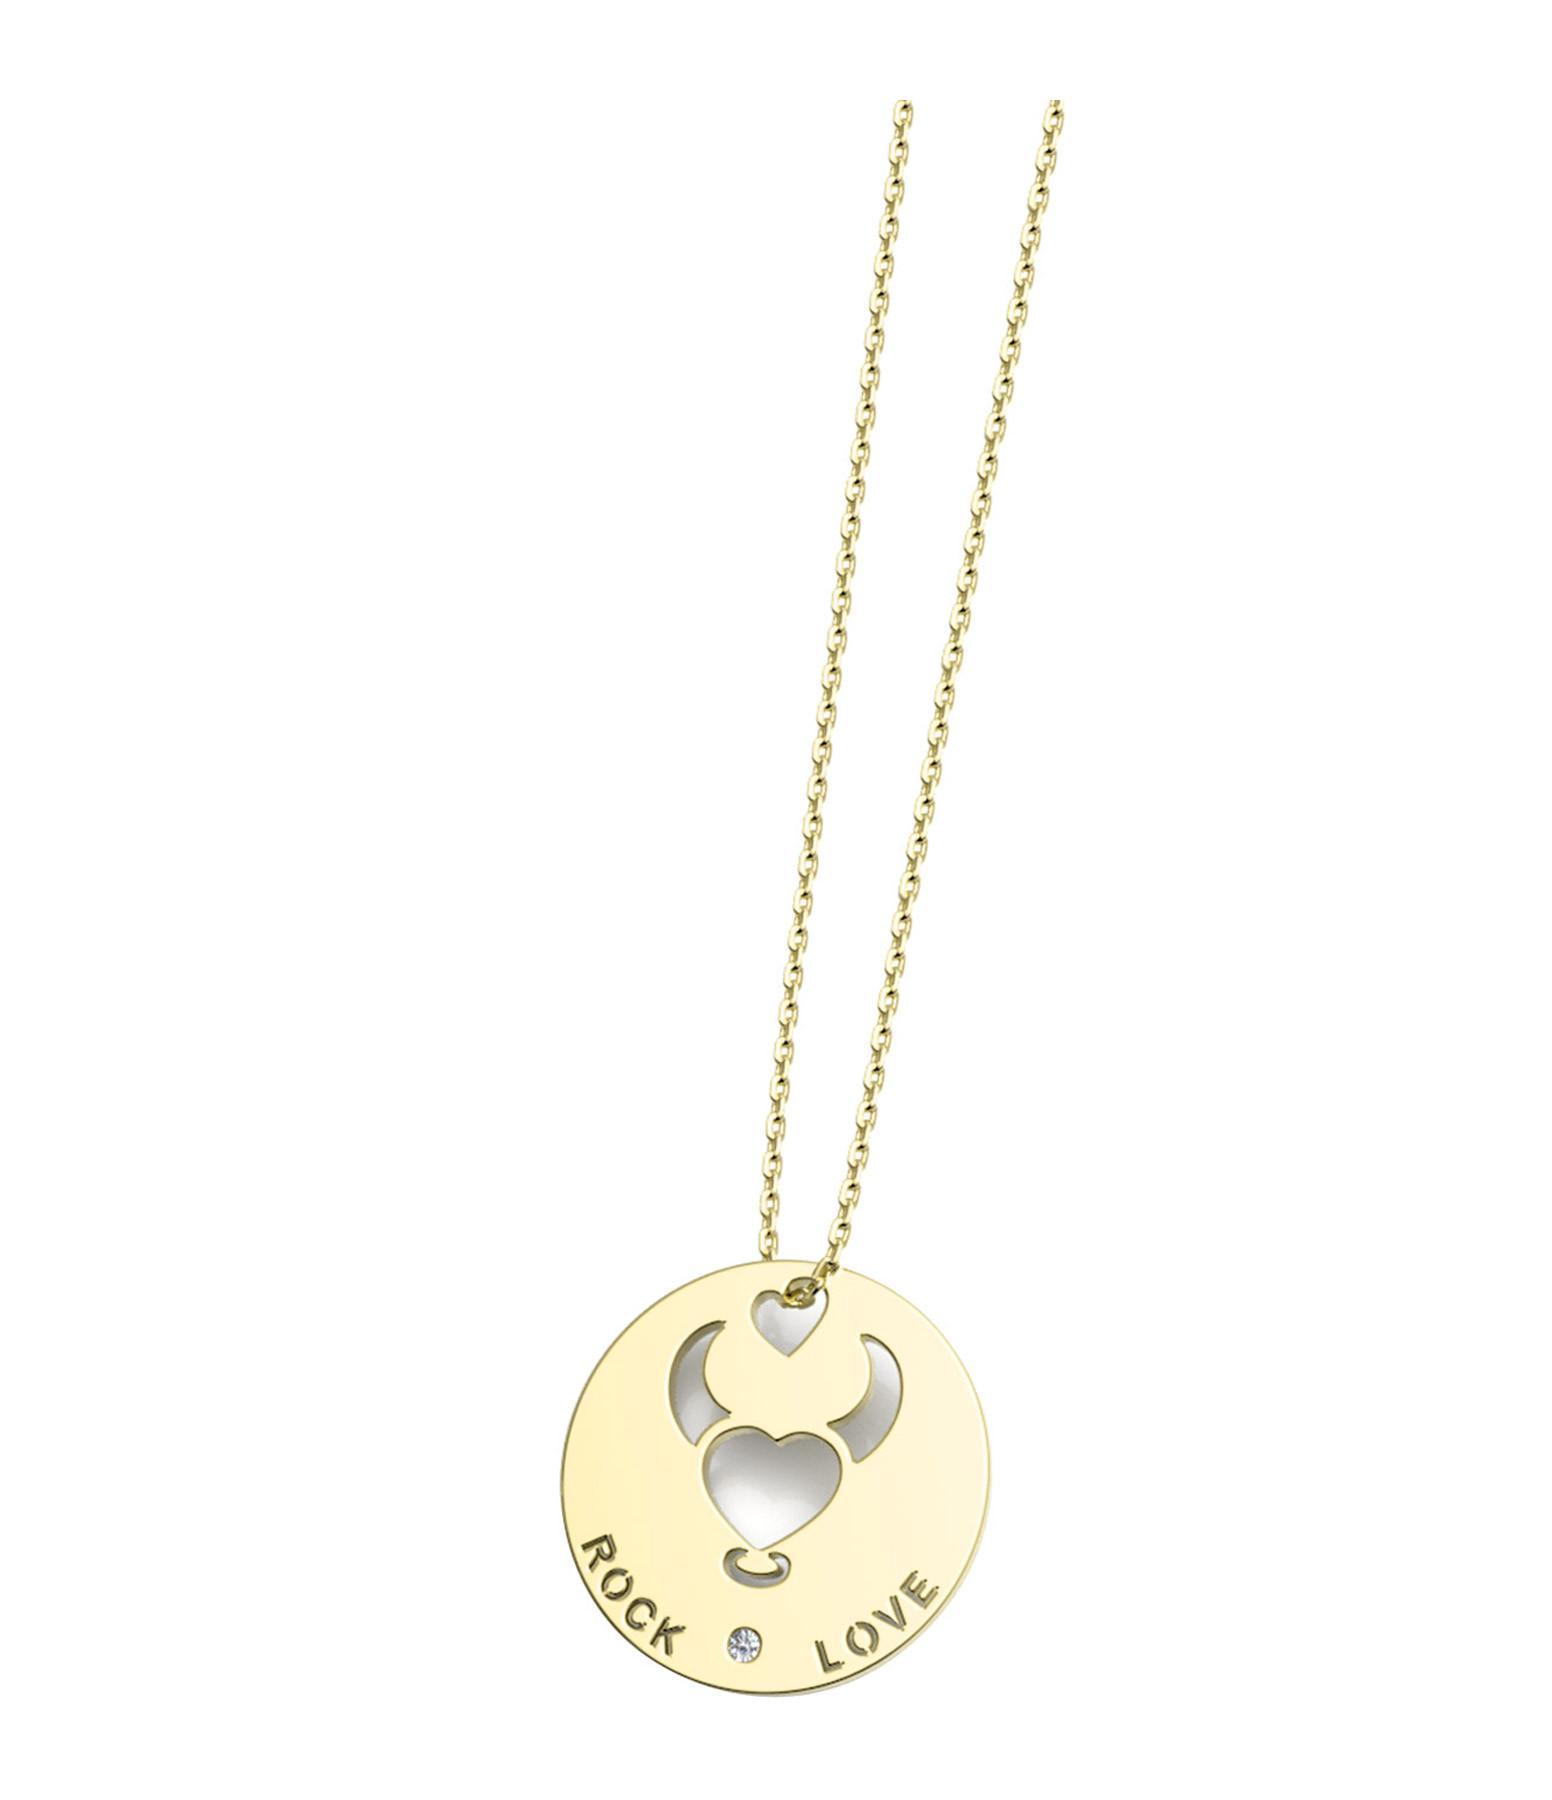 NAVA JOAILLERIE - Collier Horosco-Rock Taureau Diamants Or